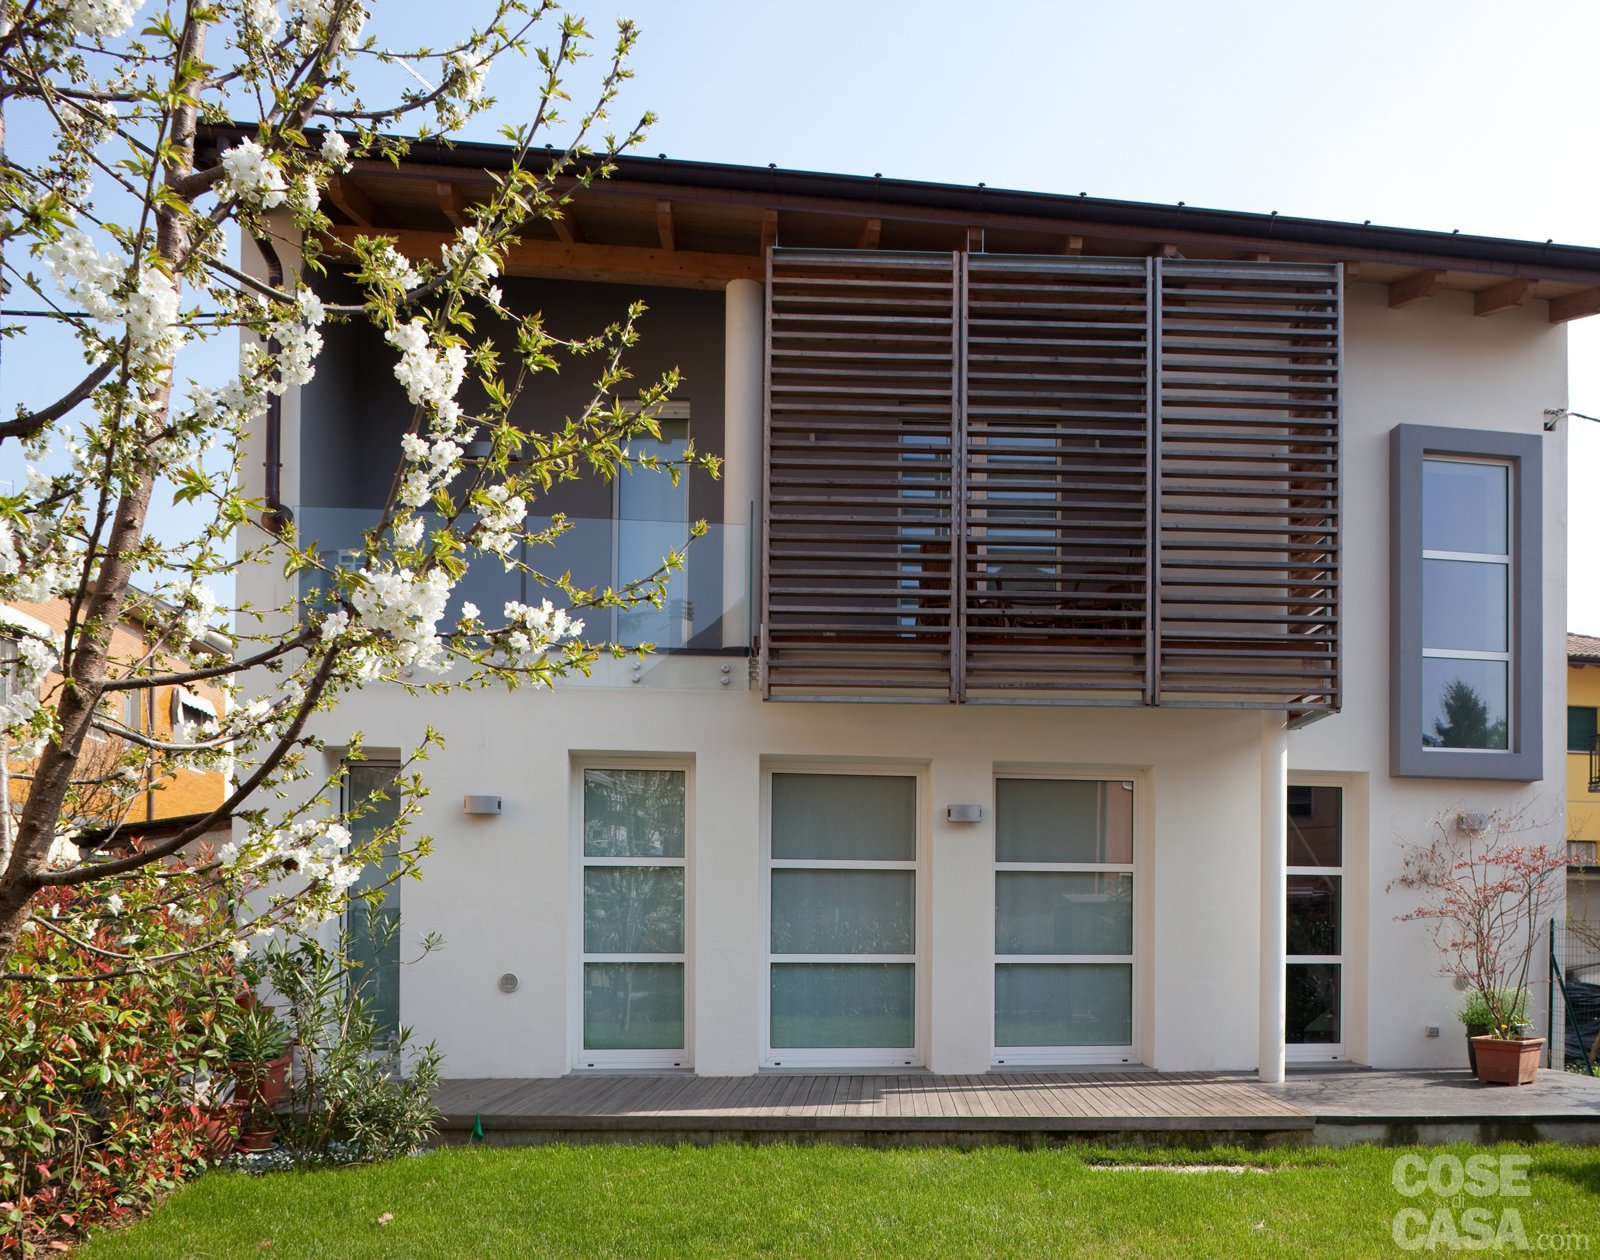 Una casa ristrutturata per il risparmio energetico cose for Case ristrutturate da architetti foto